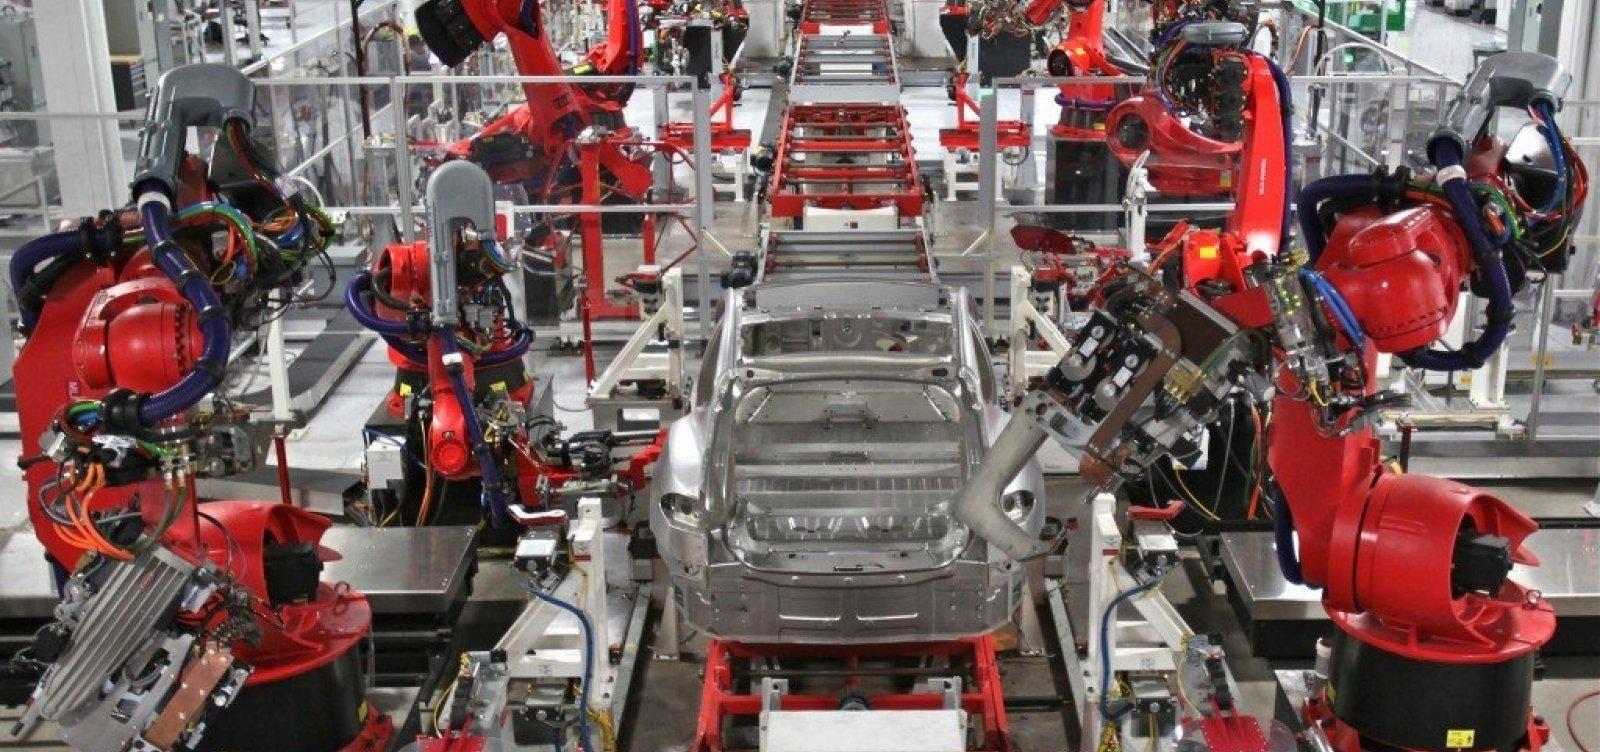 Estudo aponta que robôs farão mais tarefas que humanos em 2025